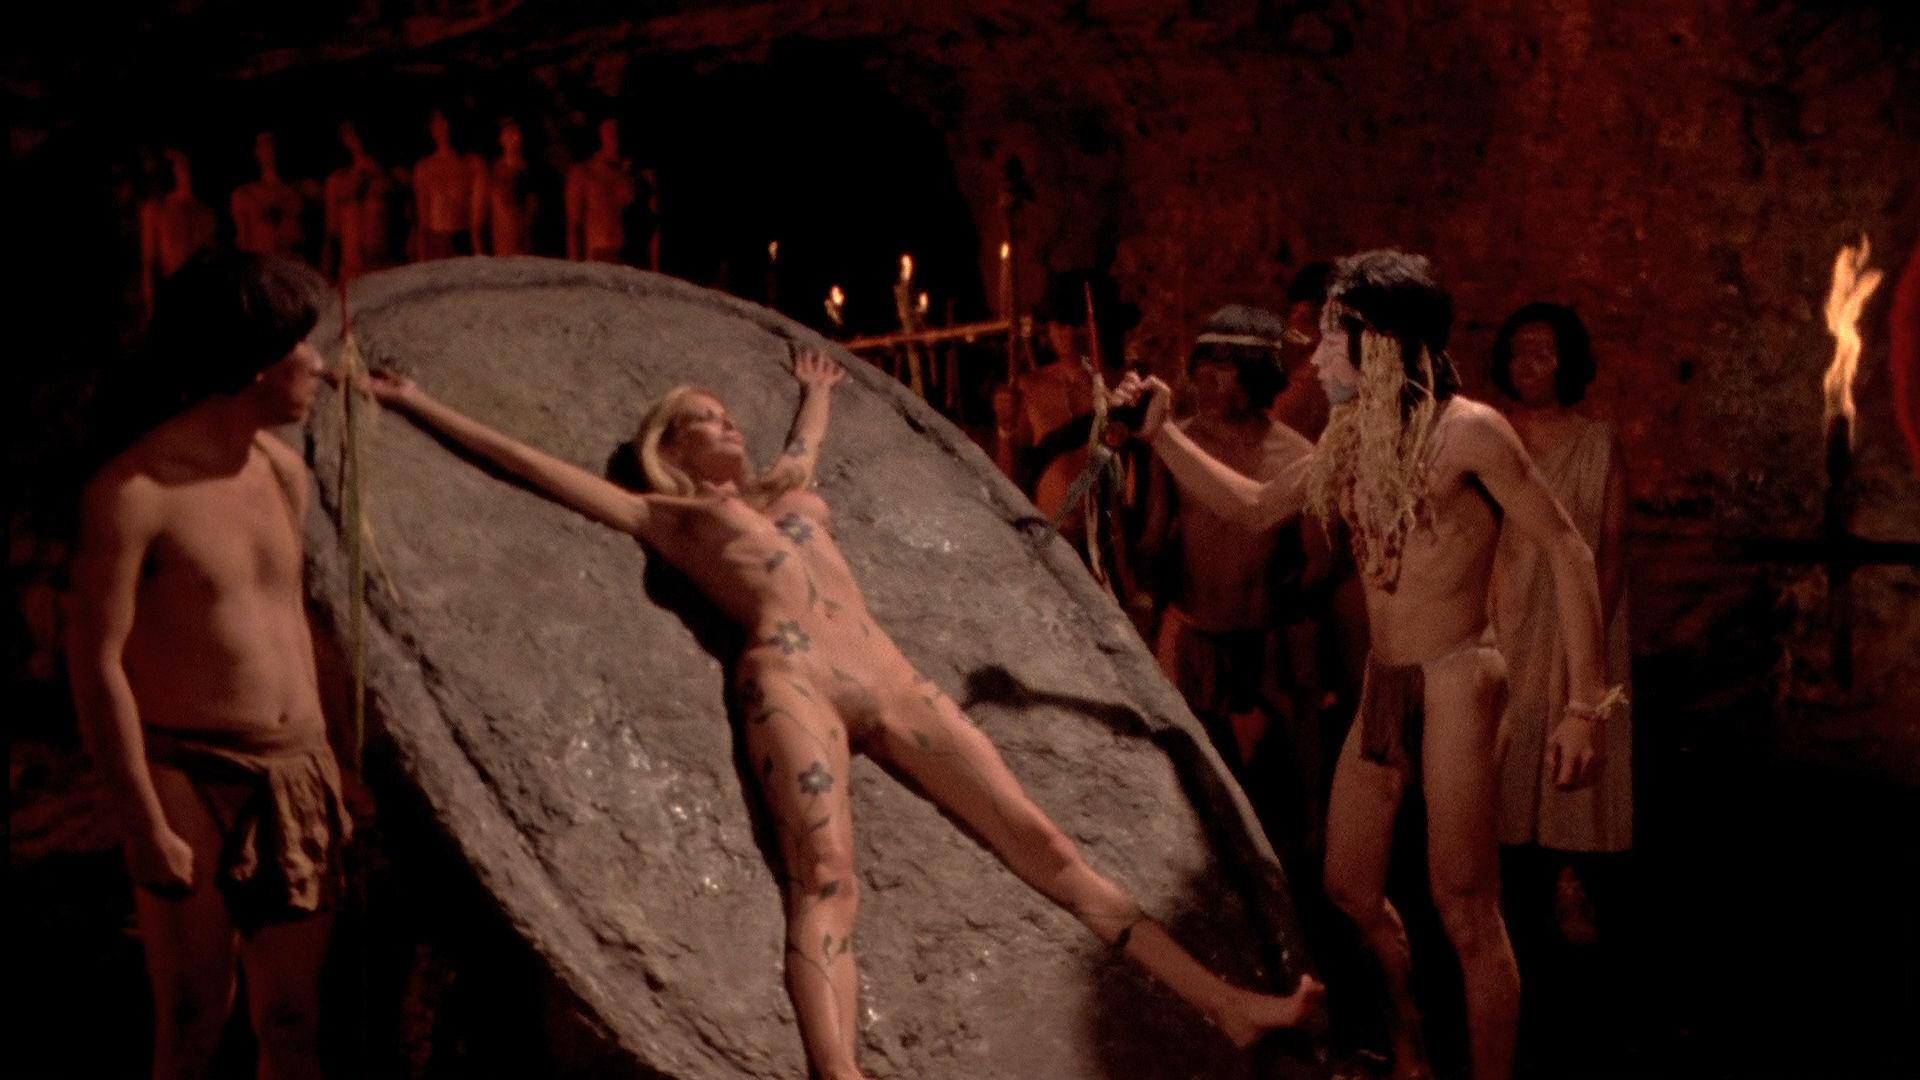 Порно фильмы про каннибалов - ХХХ фильмы для истинных любителей порно